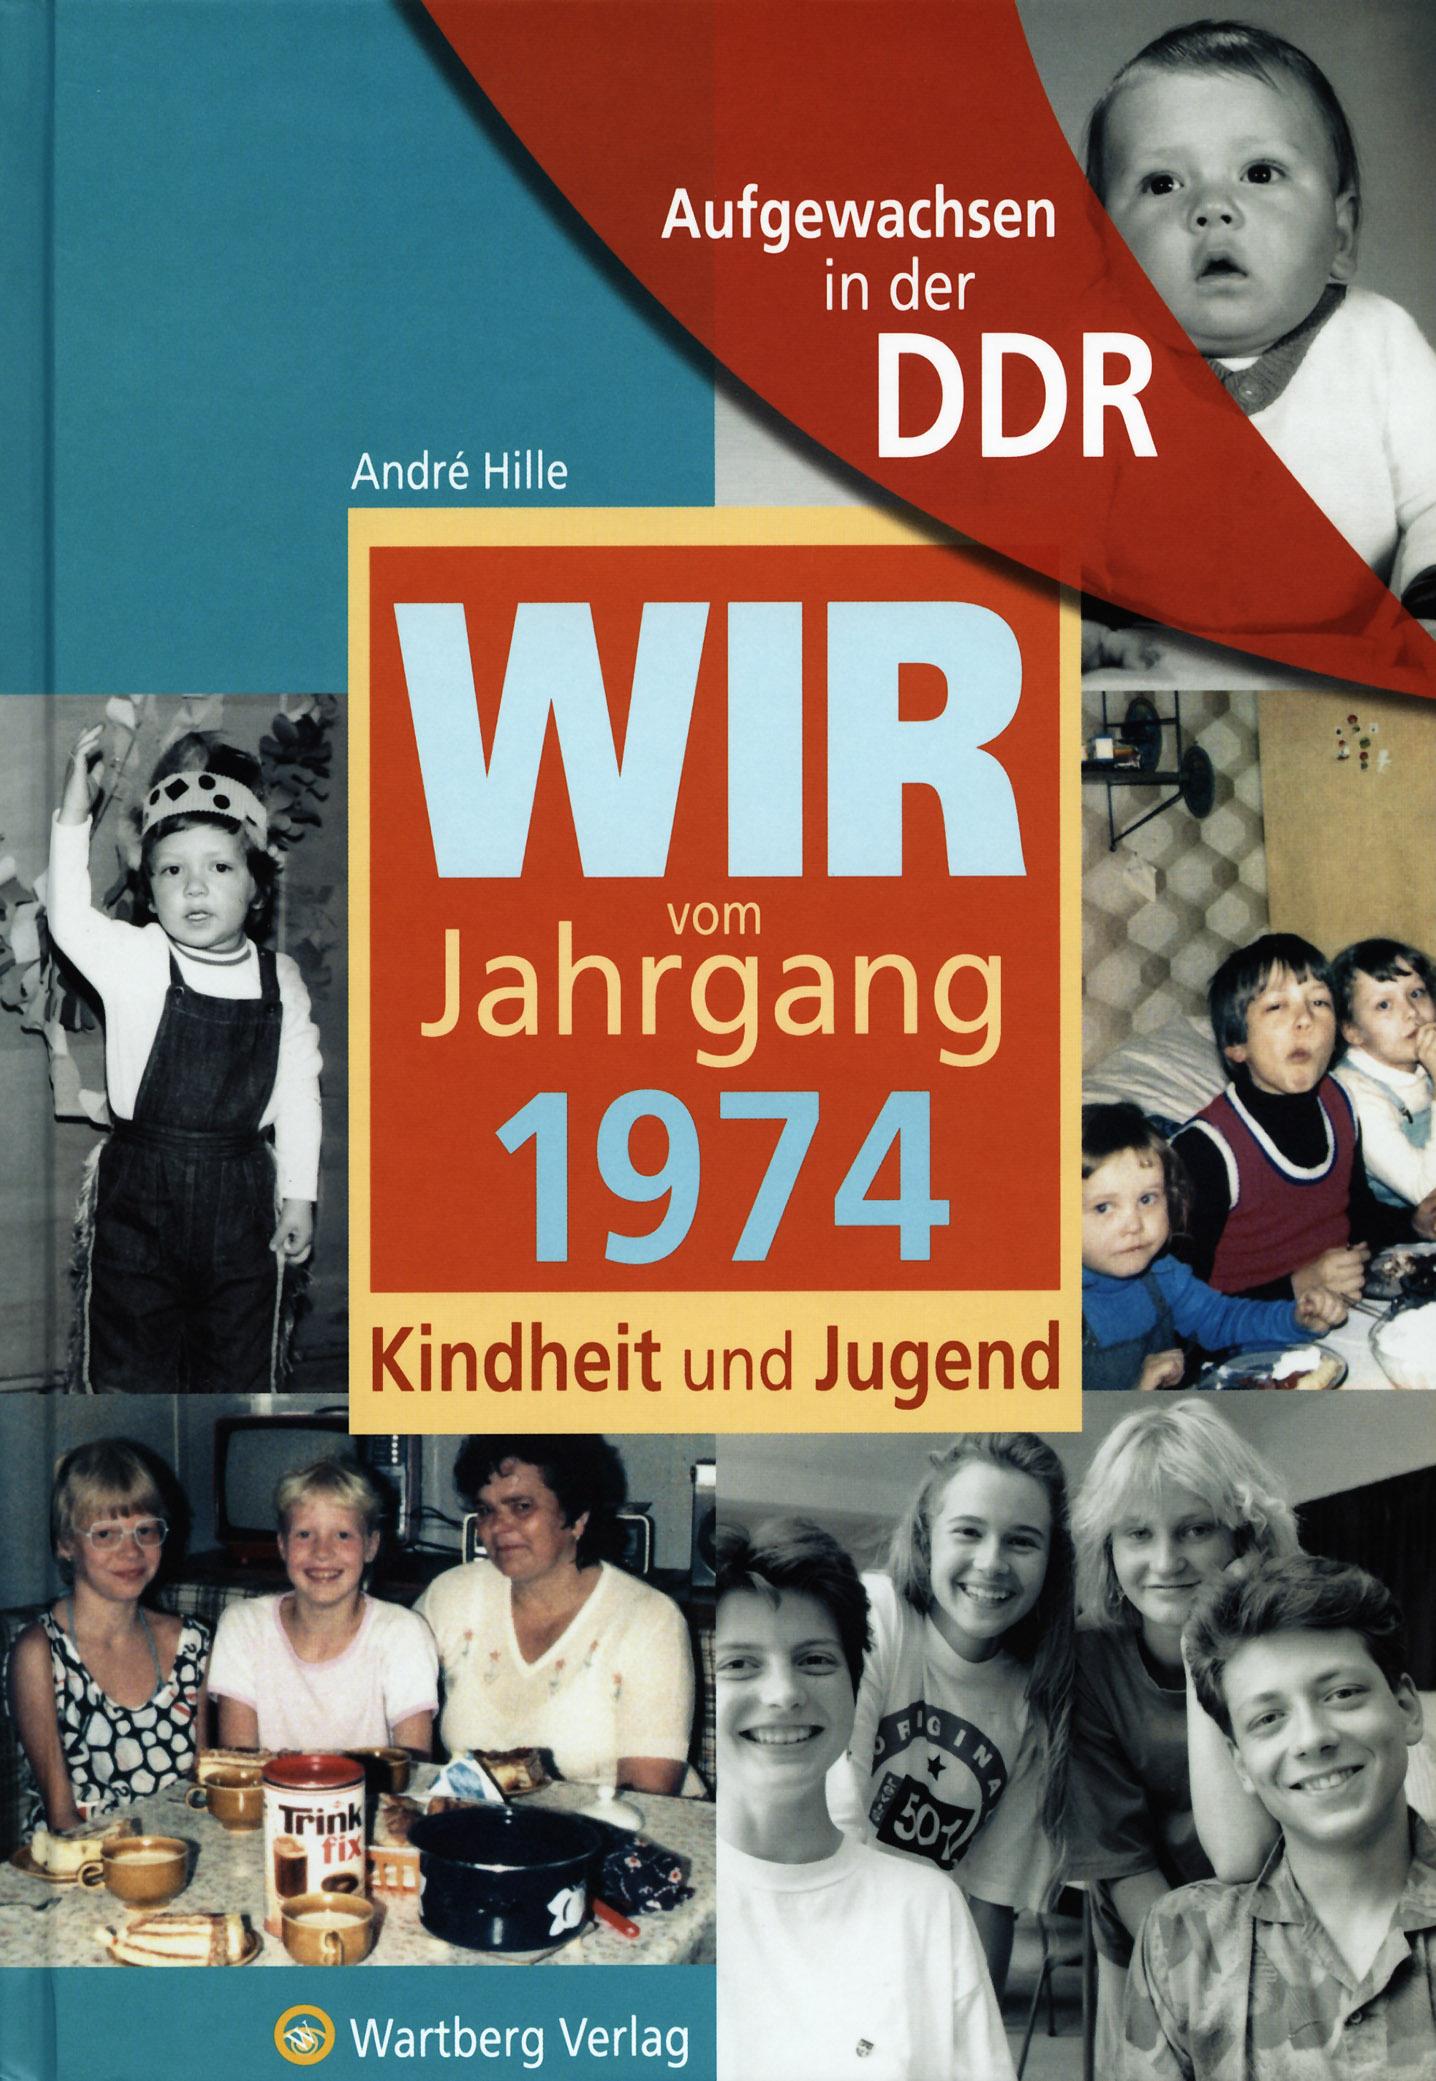 Aufgewachsen in der DDR - Wir vom Jahrgang 1974 - Kindheit und Jugend André ...